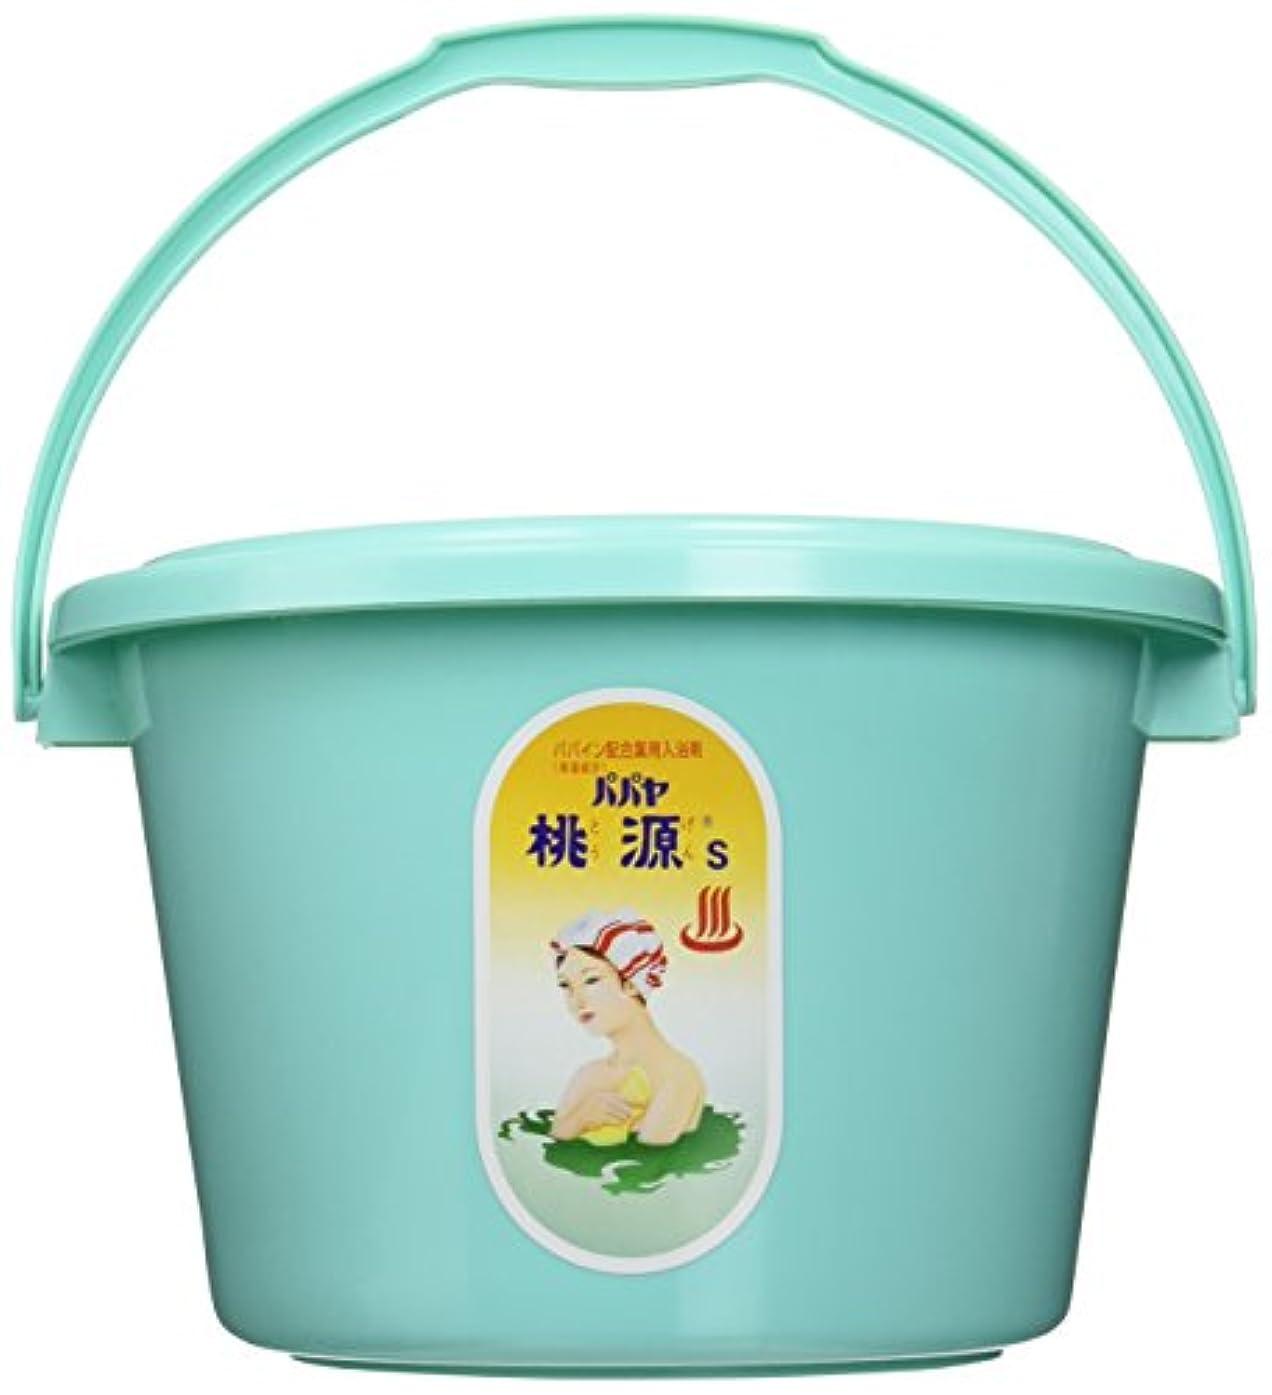 五洲薬品 パパヤ桃源Sバケツ 4kg [医薬部外品]